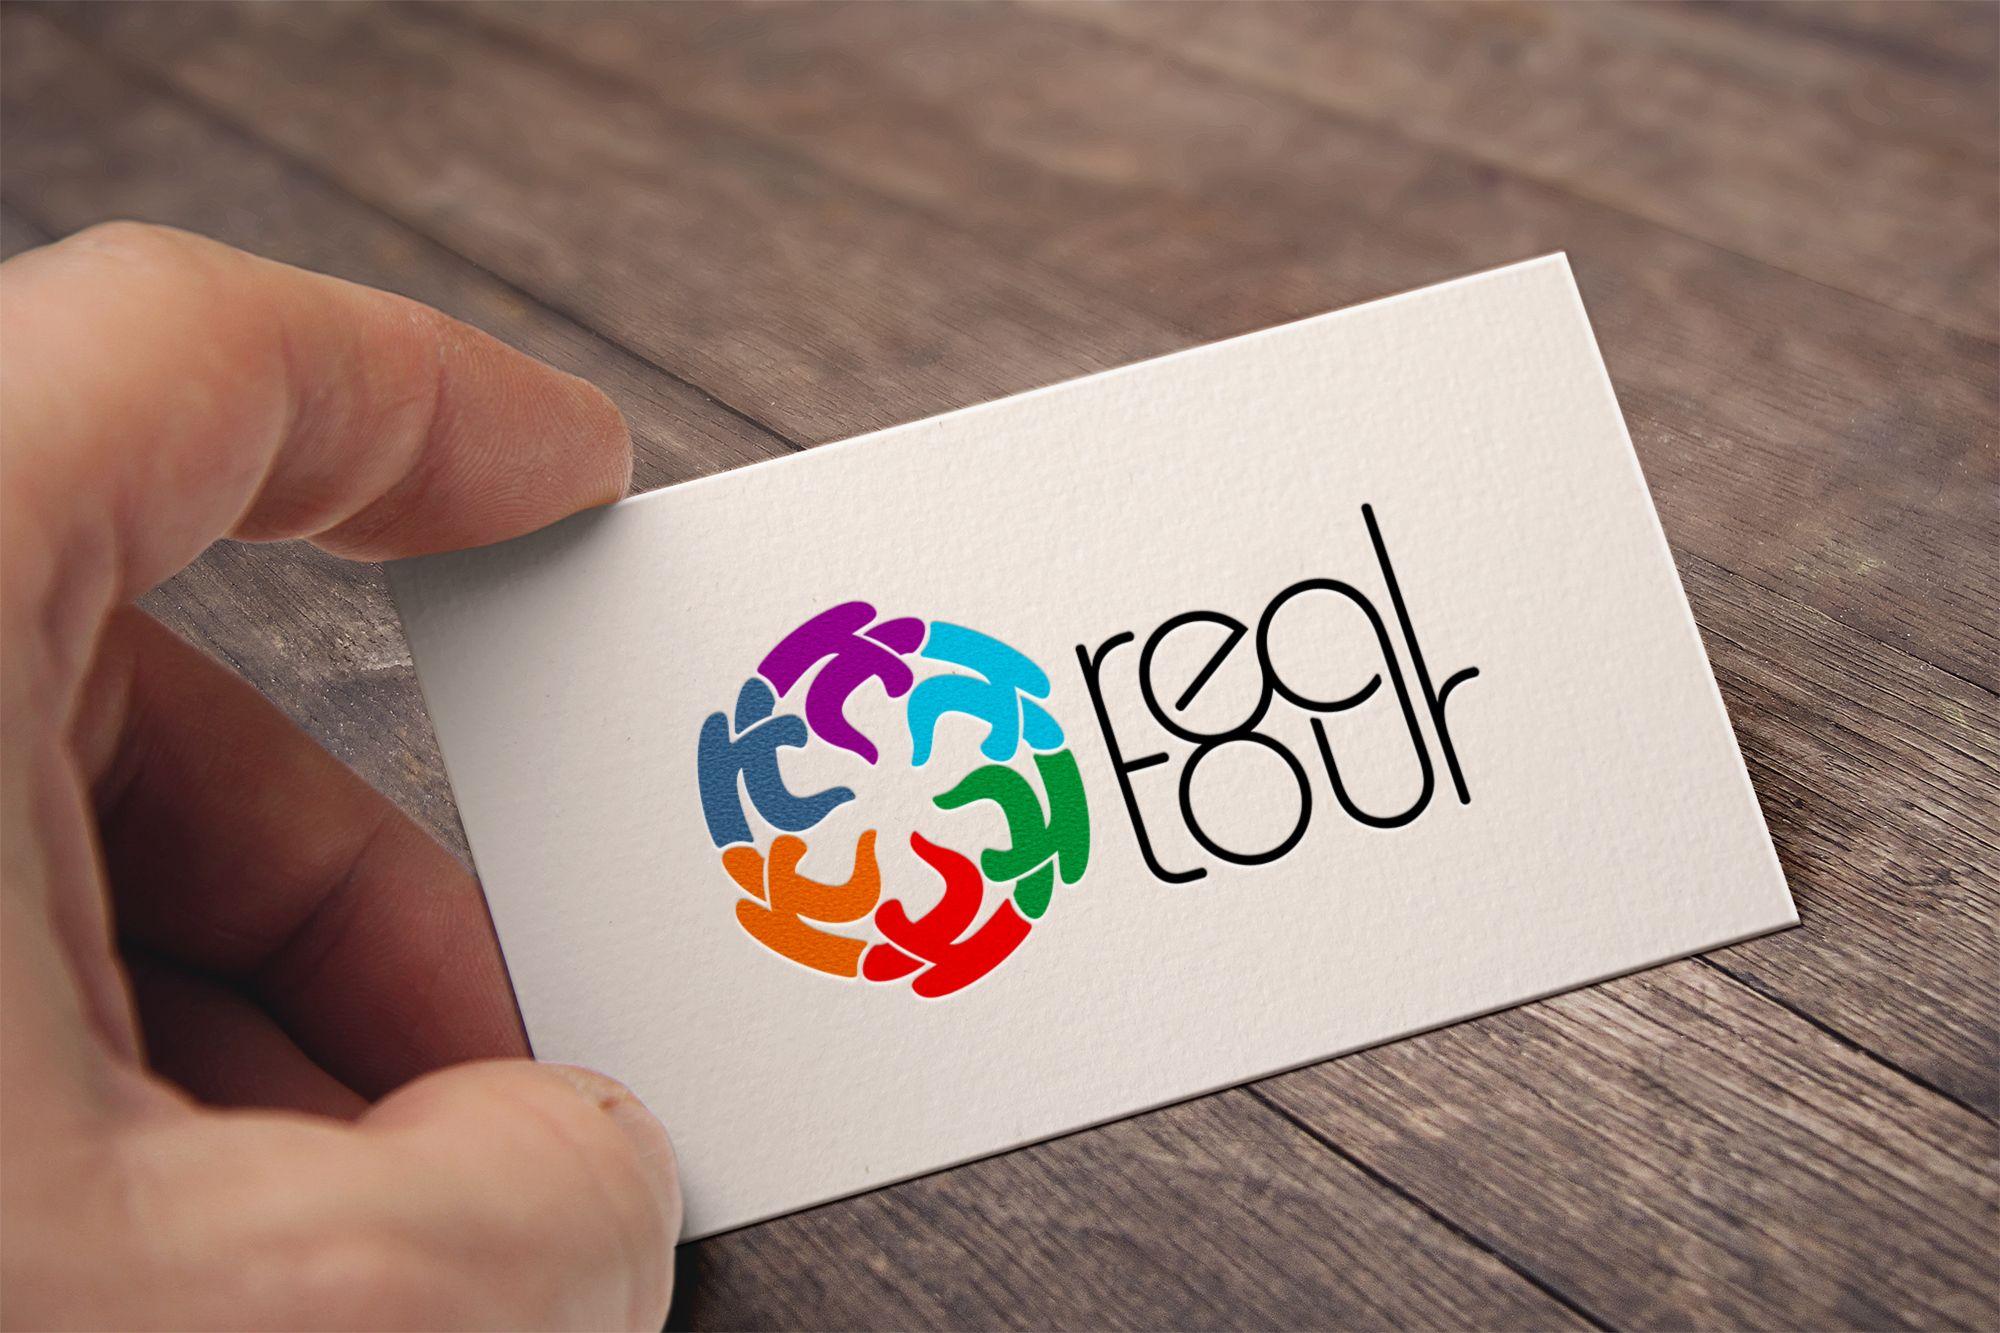 Лого и фирменный стиль для турагентства - дизайнер robert3d